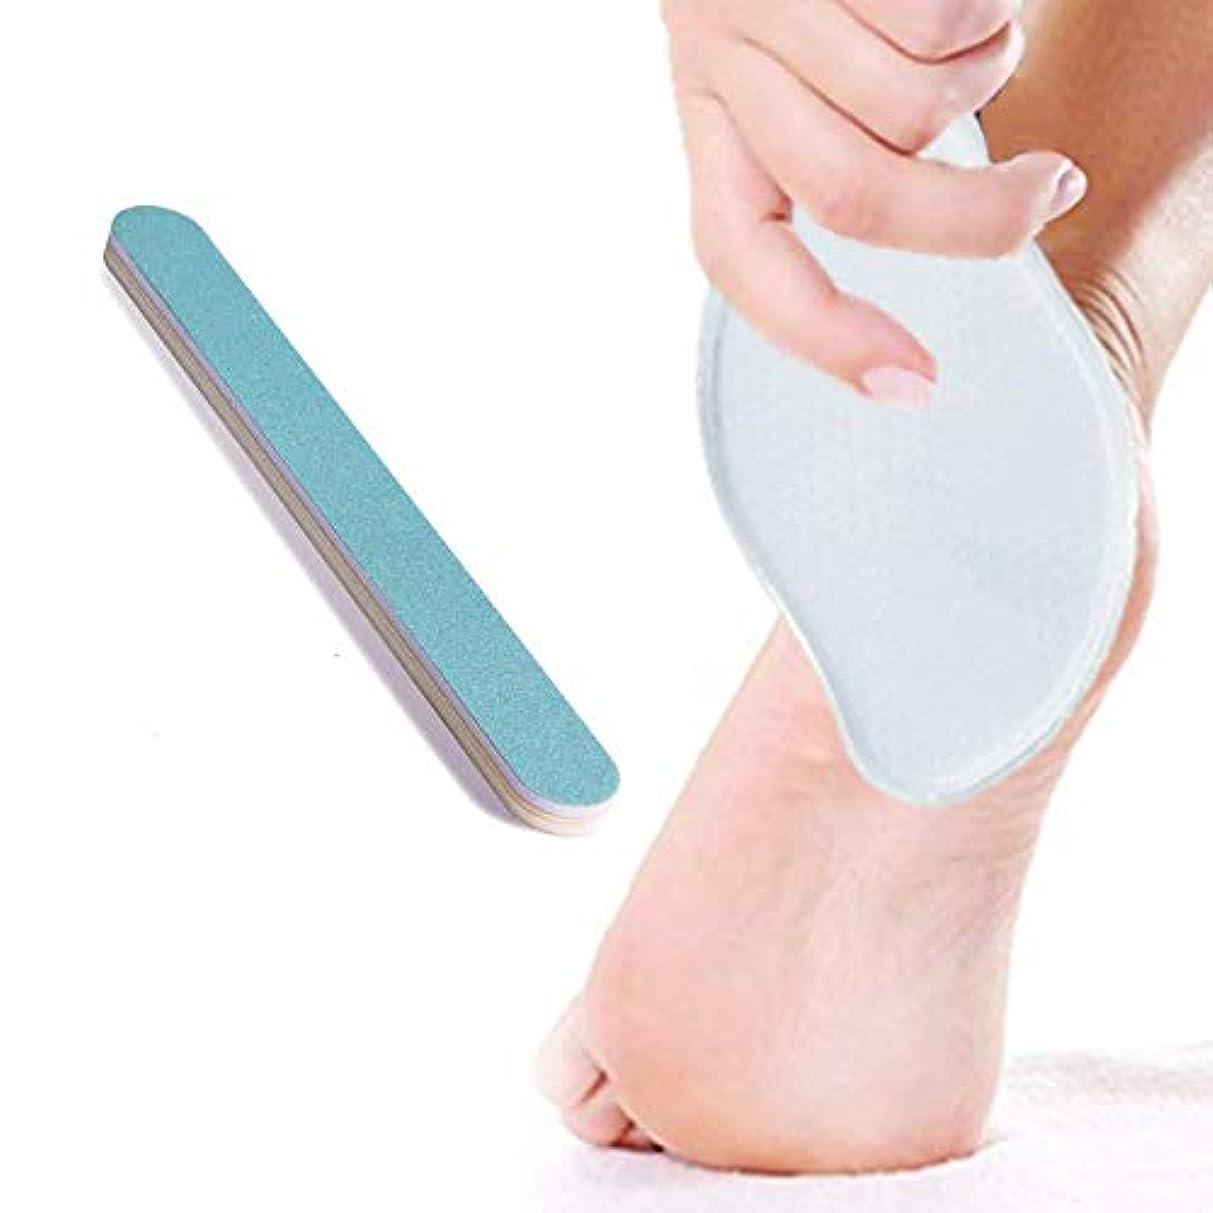 ストラップお誕生日欠伸かかと 角質取り かくしつとり かかと削り 角質 除去 足 足裏 ネイルサロンのネイルシャイナー 付き クリア